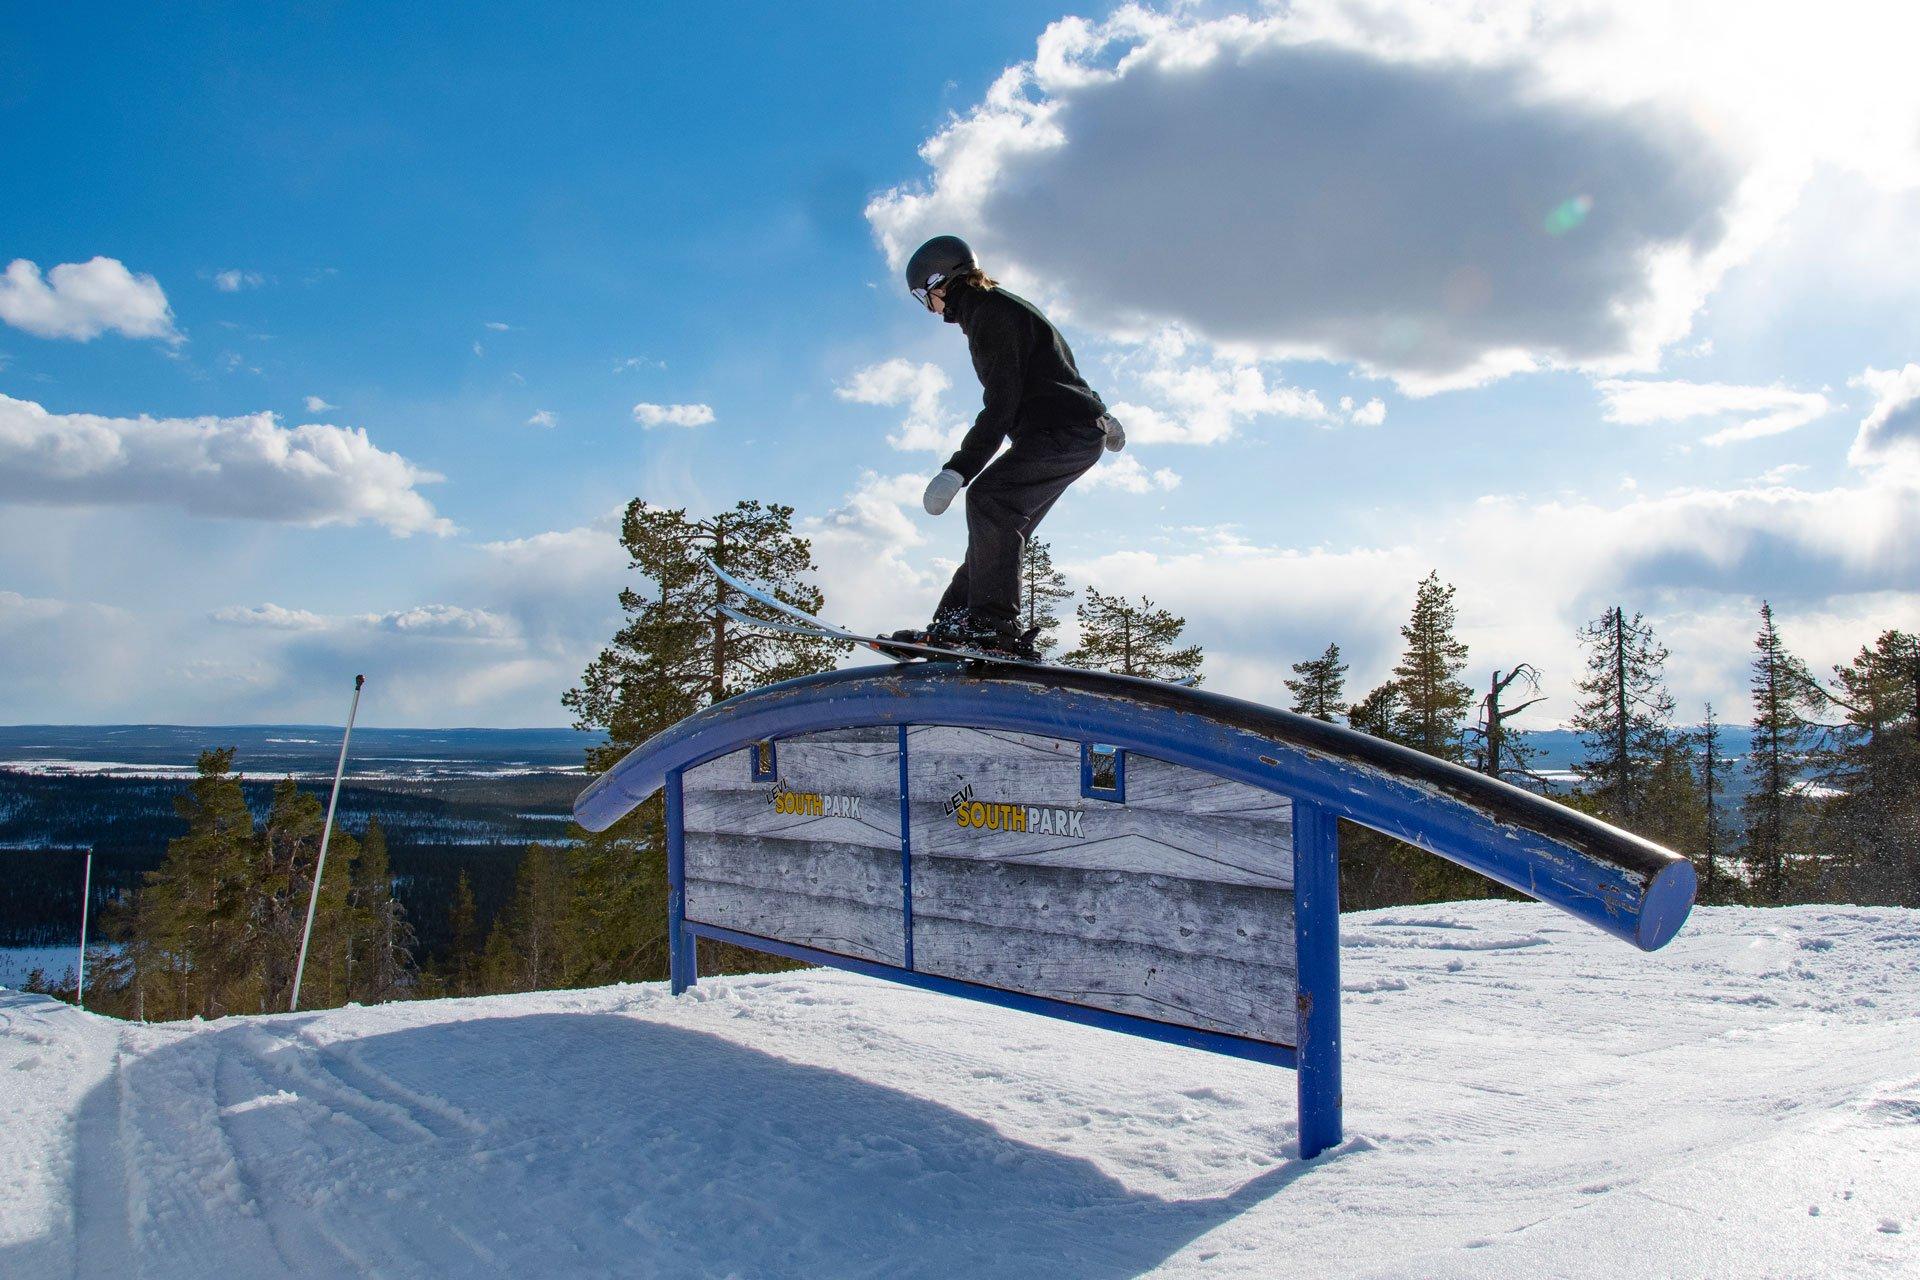 Levi Snow Parkit